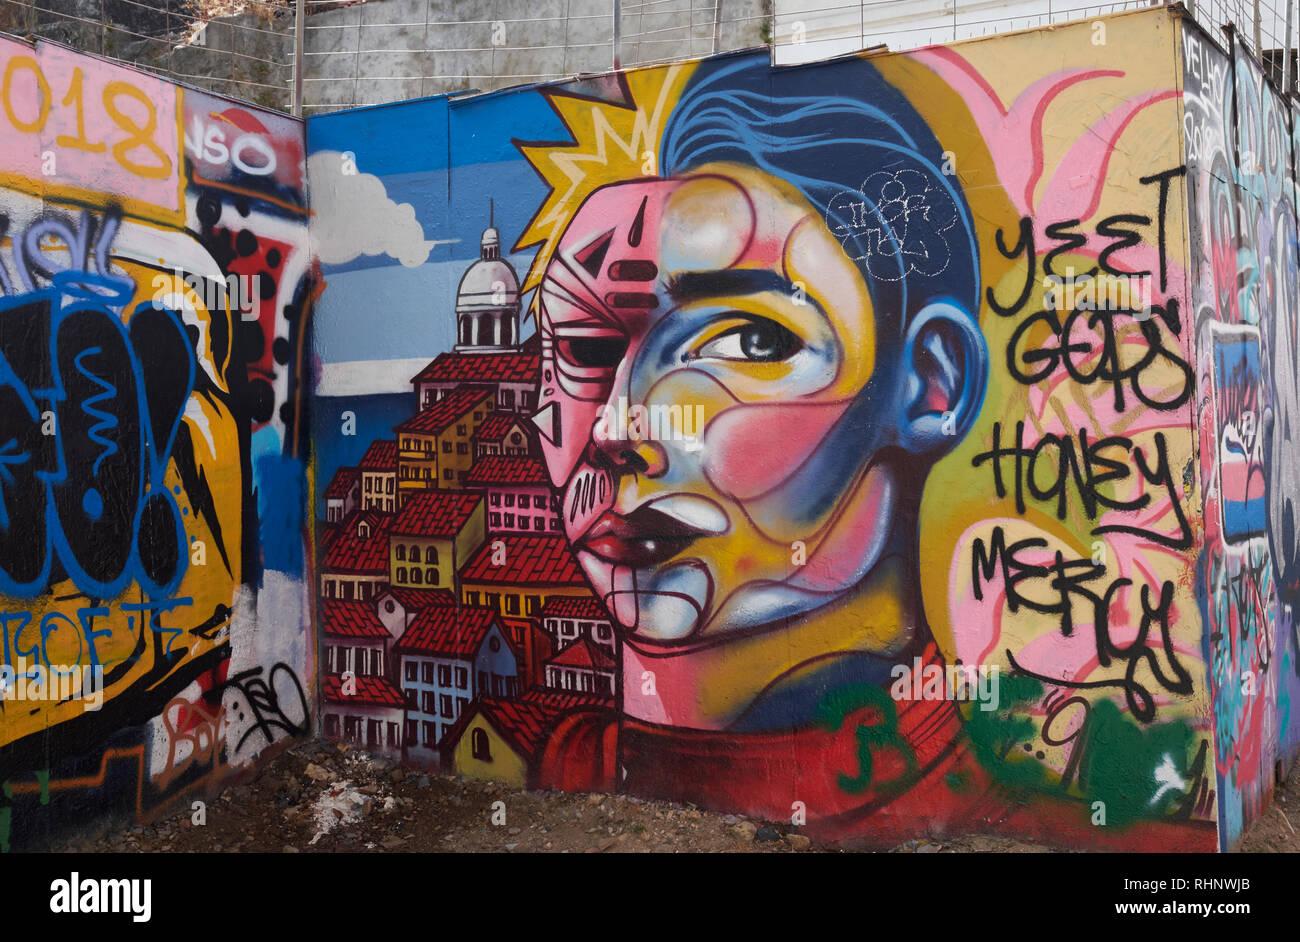 Gallery of Urban Art (Galeria de Arte Urbana), Calçada da Glória, Lisbon, Portugal. - Stock Image